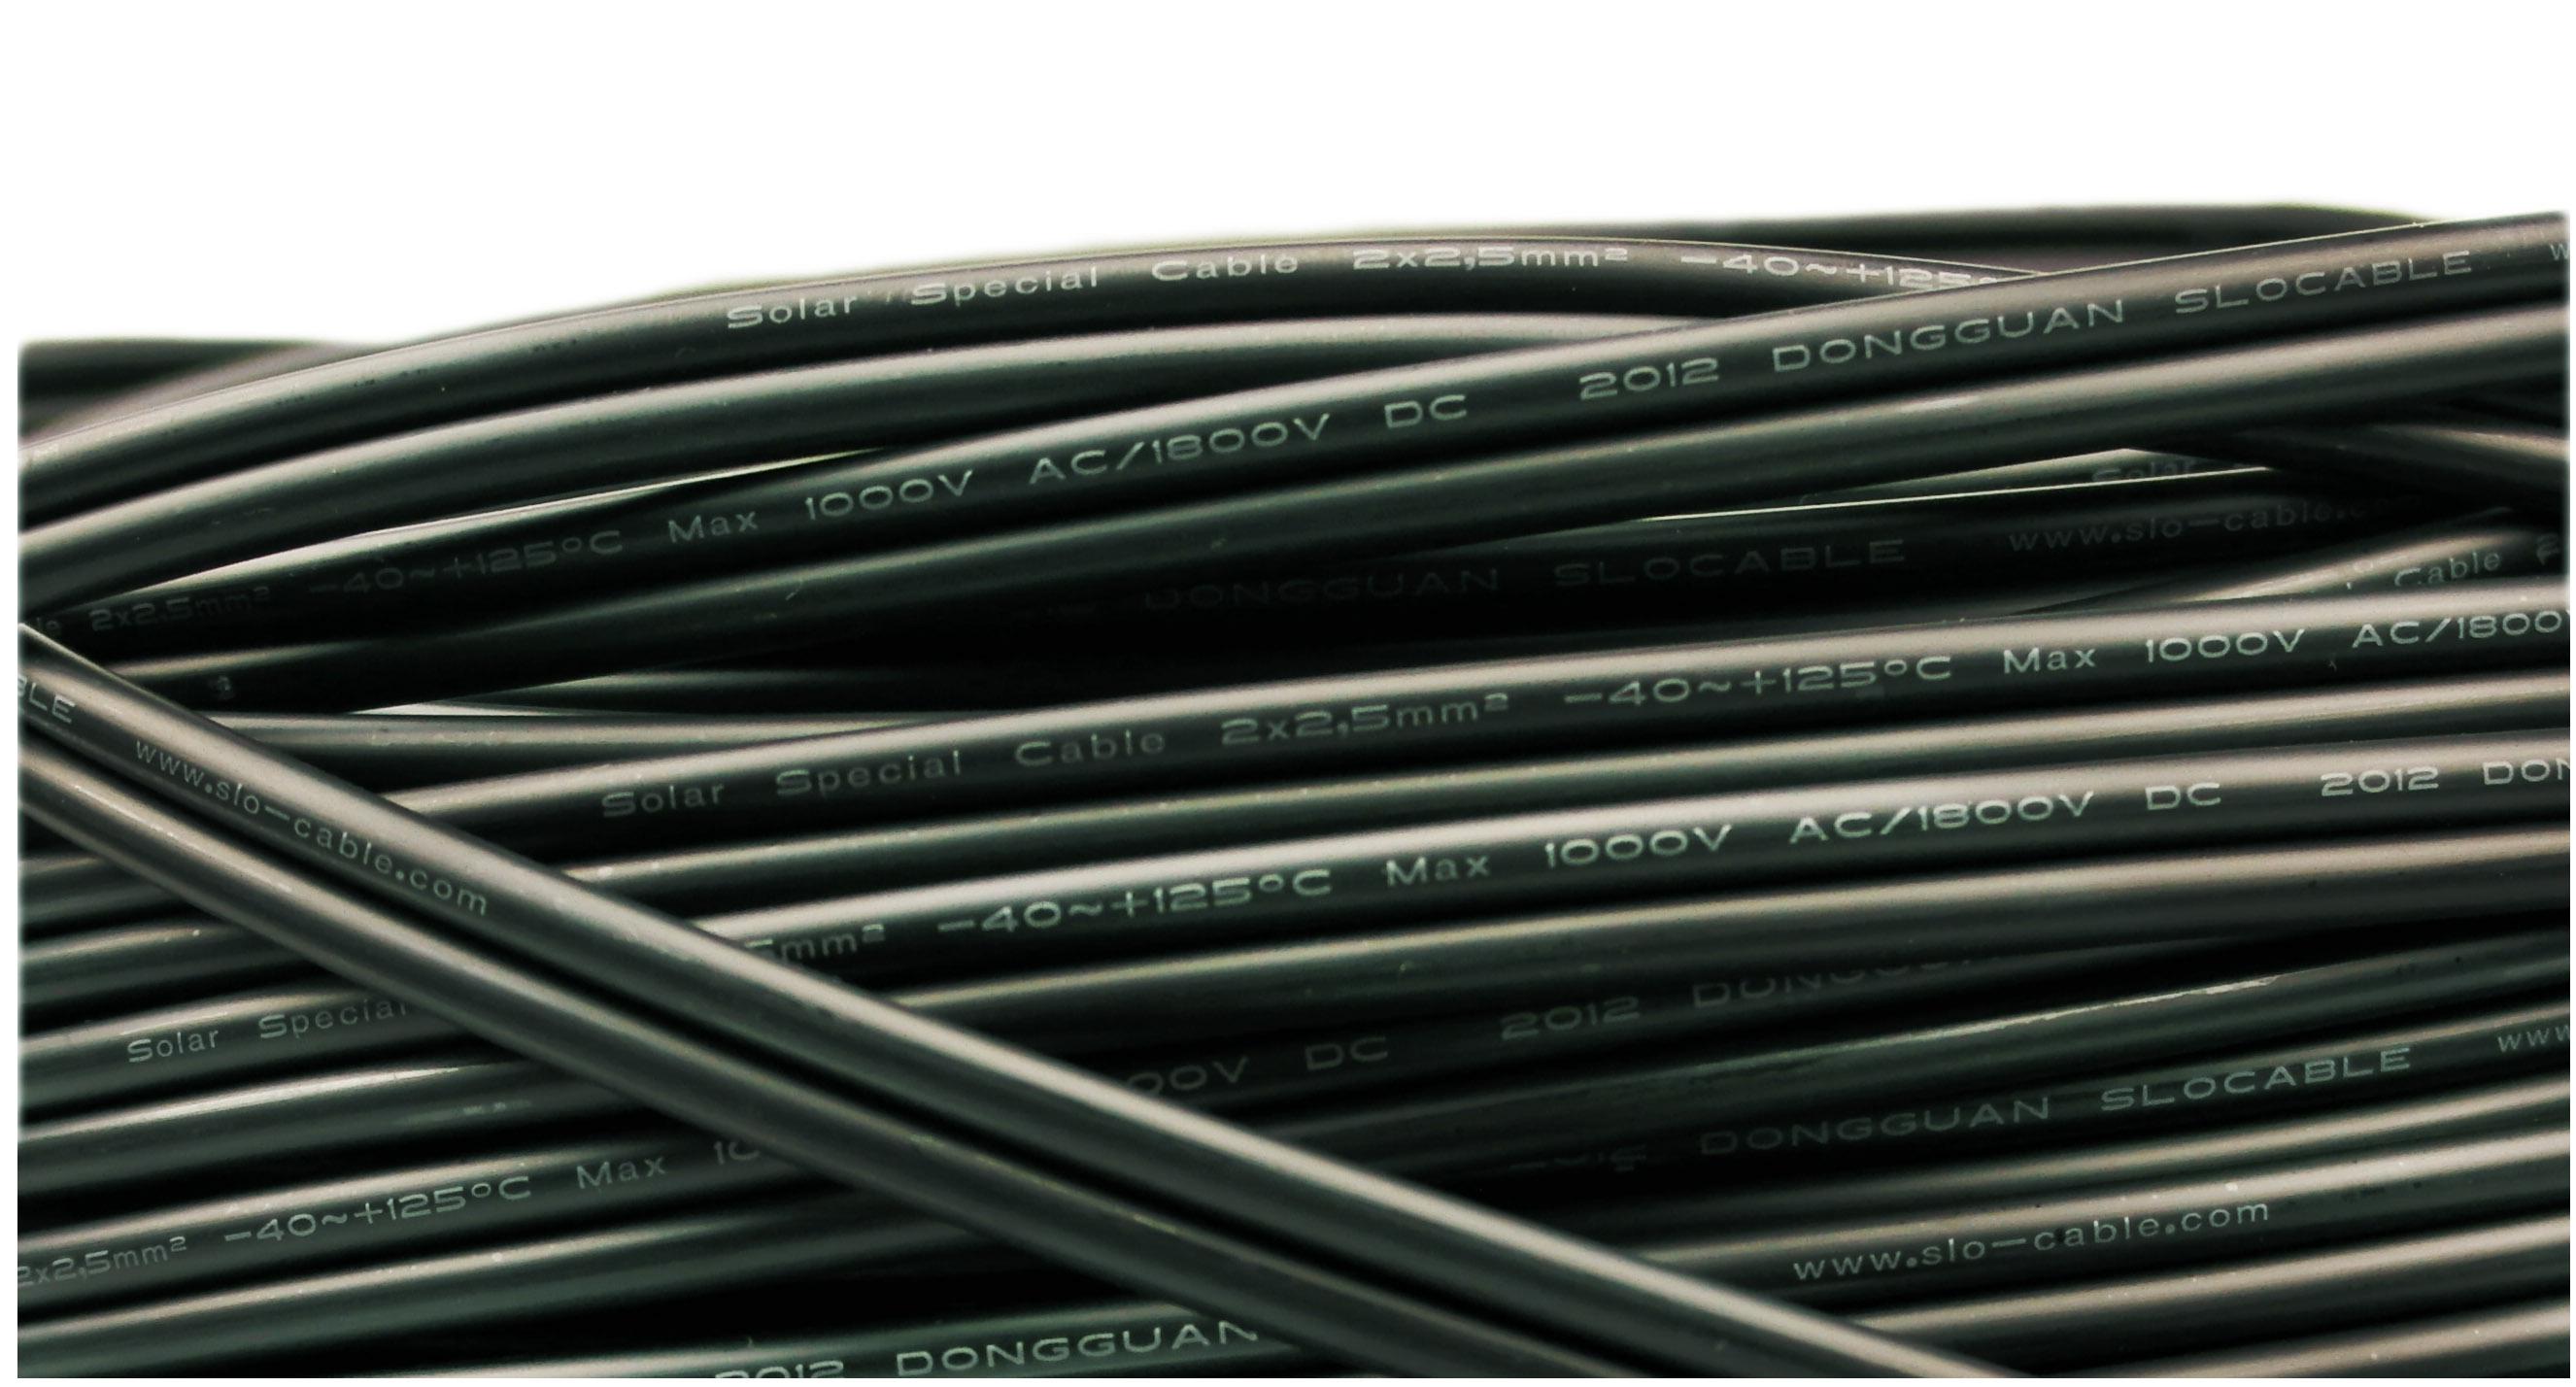 Rgb кабель для psp. Продажа кабельно-проводниковой продукции: http://cabel-msk.ru/new/5650